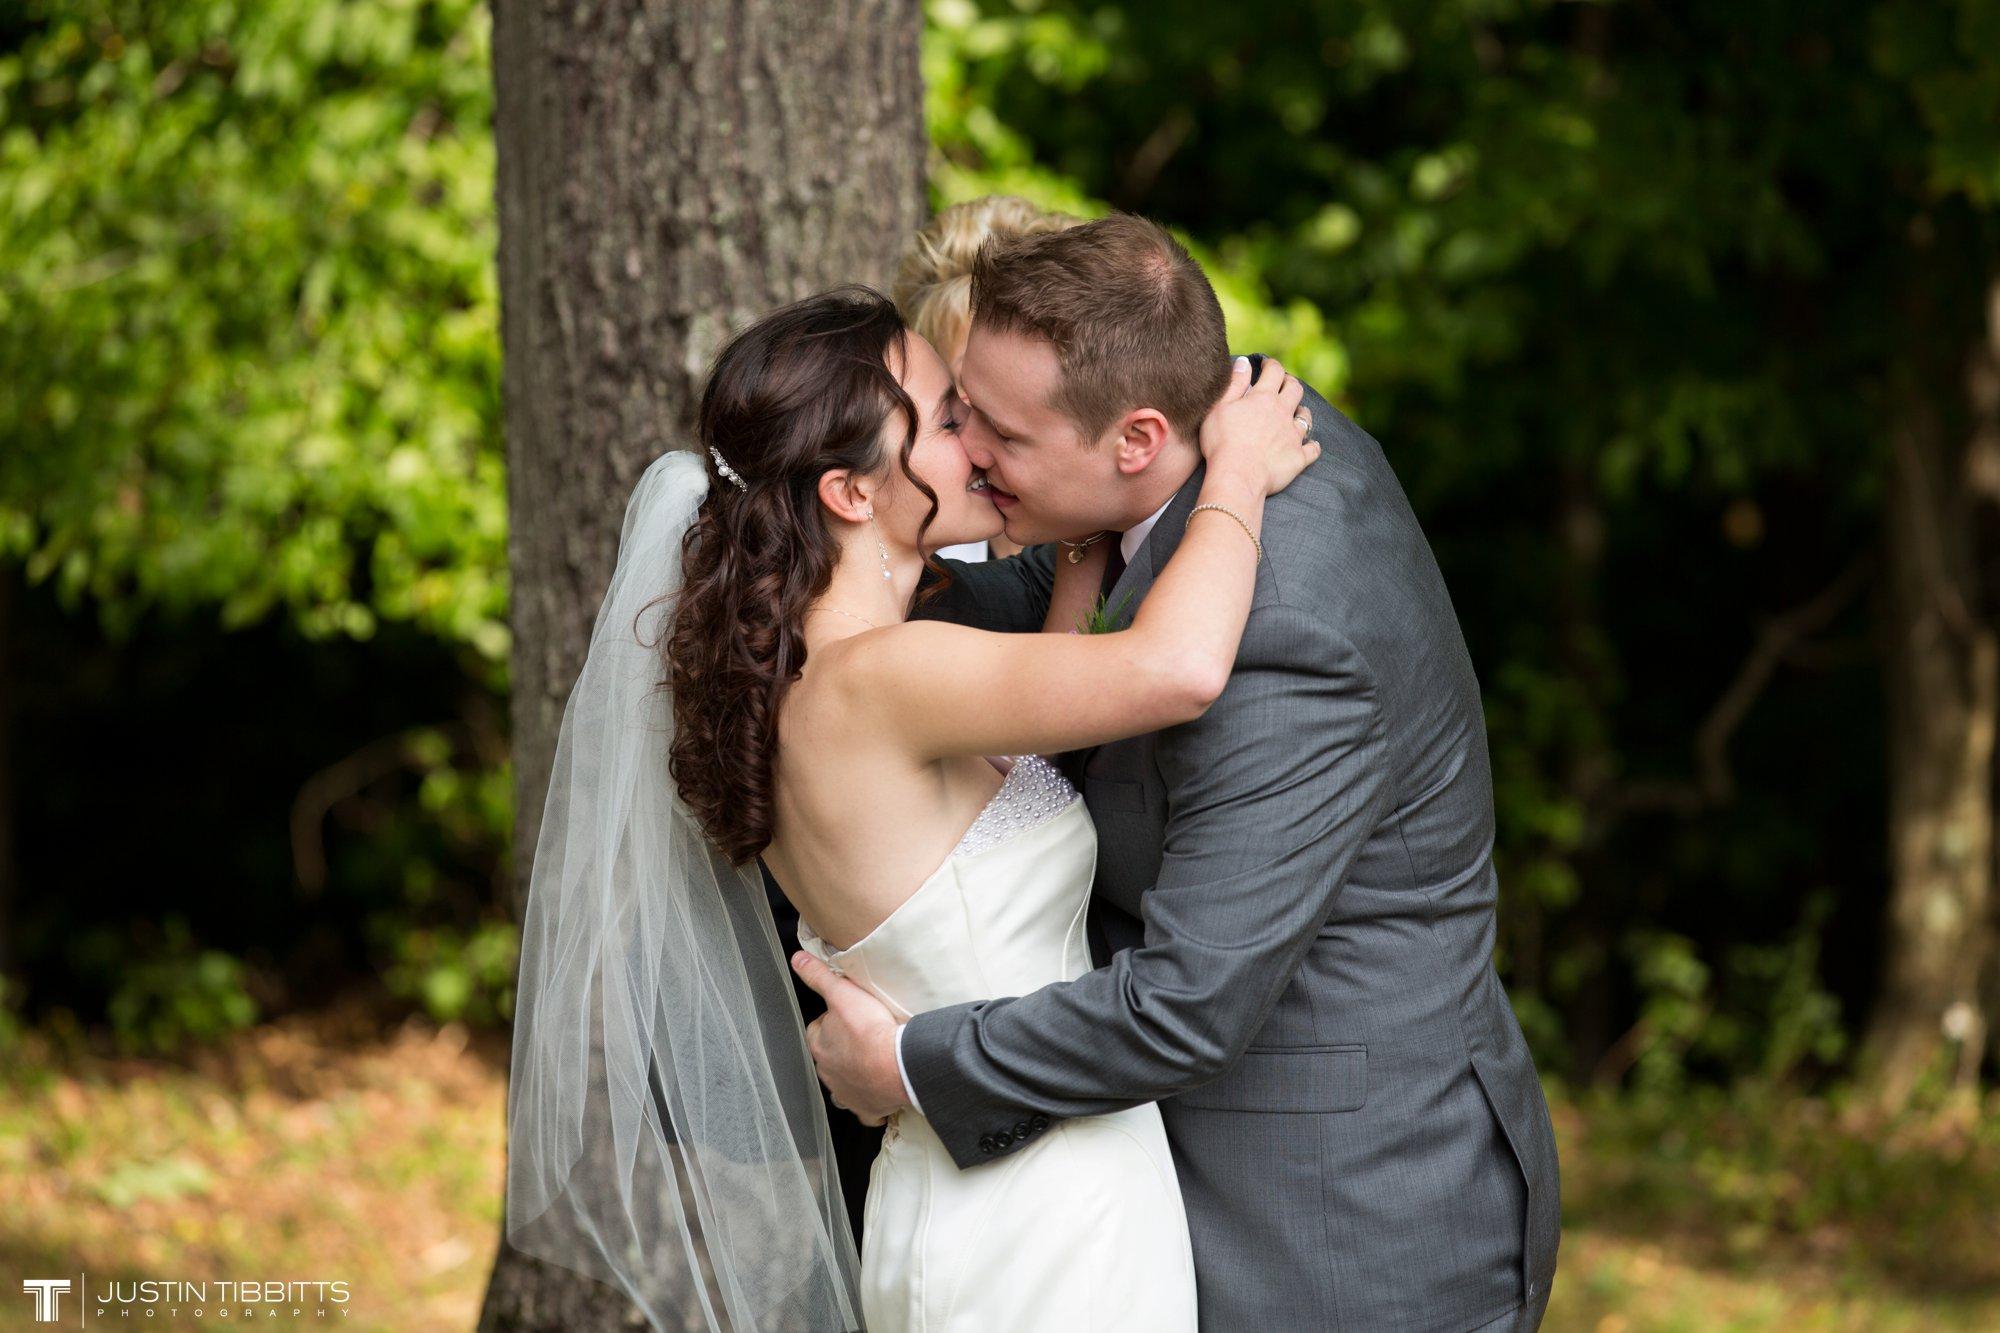 Justin Tibbitts Photography Rob and Brittany's Averill Park, NY Wedding_0387